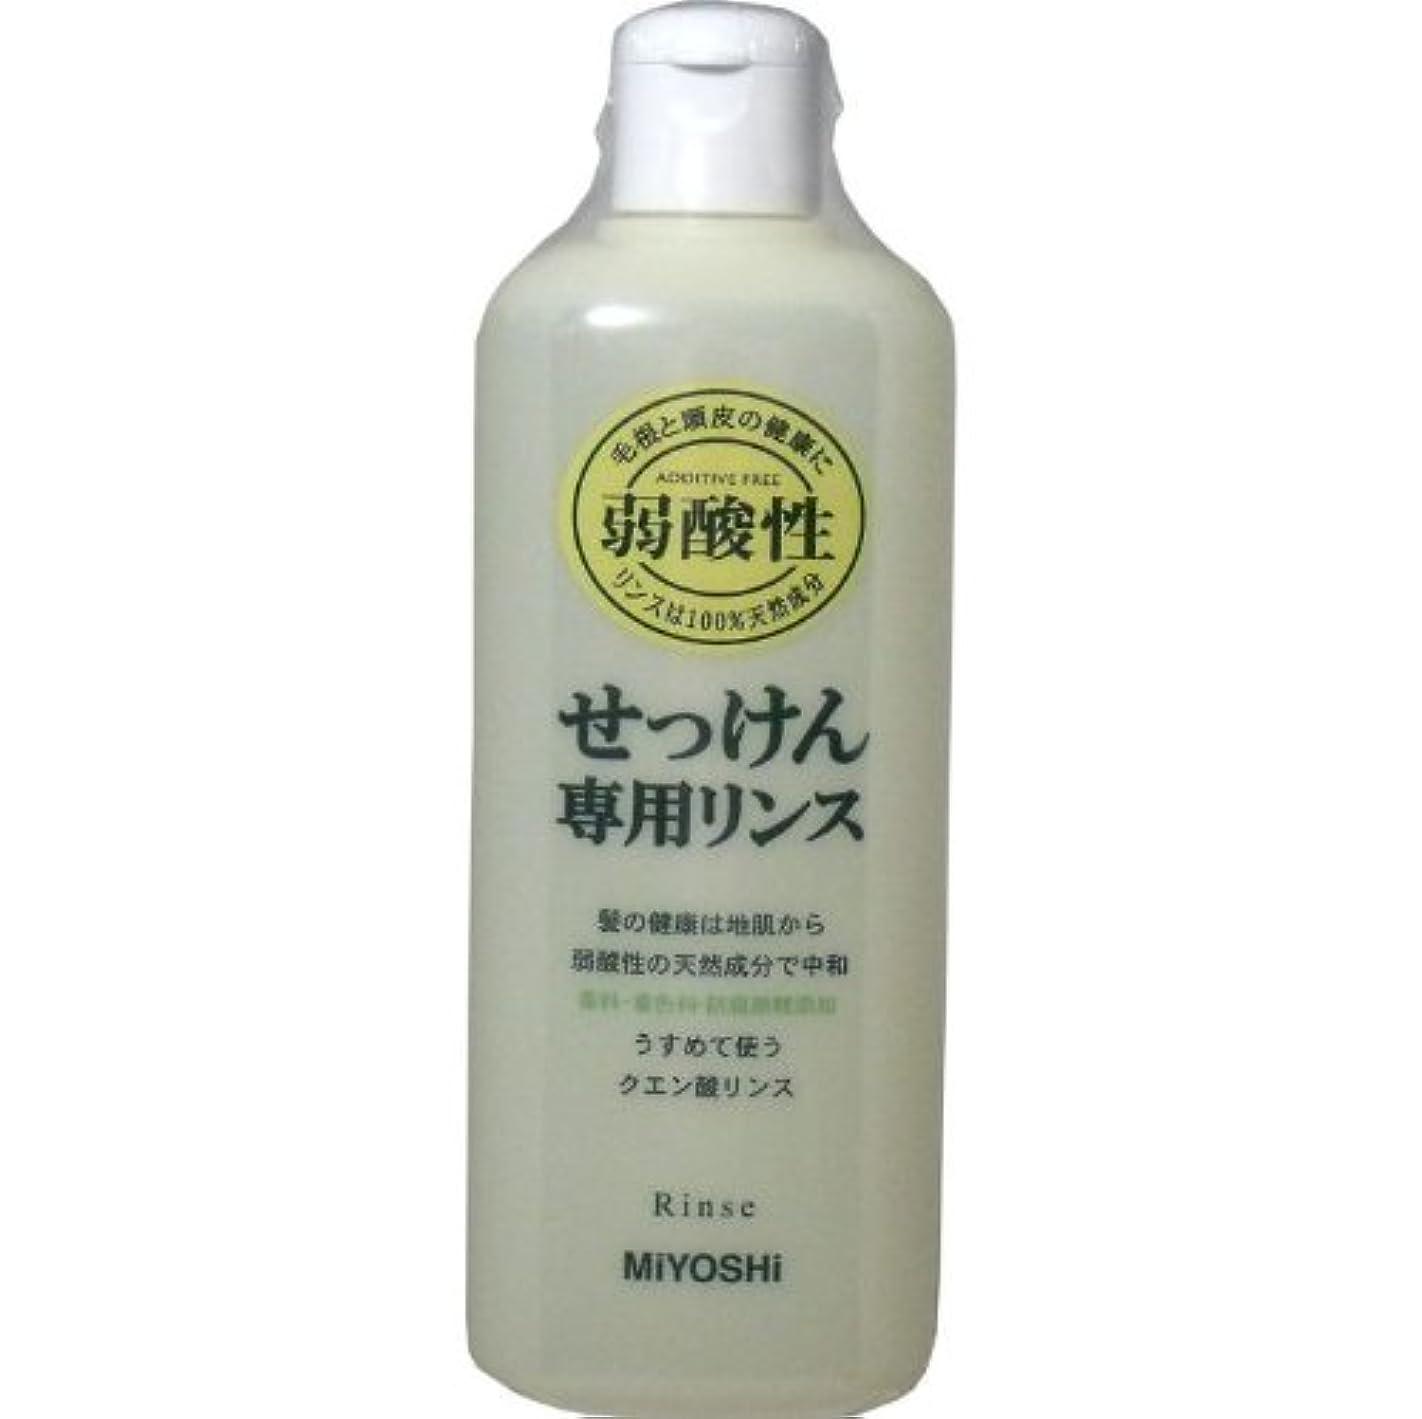 変わるアラバマ同志髪の健康は地肌から、弱酸性の天然成分で中和!!香料、防腐剤、着色料無添加!うすめて使うクエン酸リンス!リンス 350mL